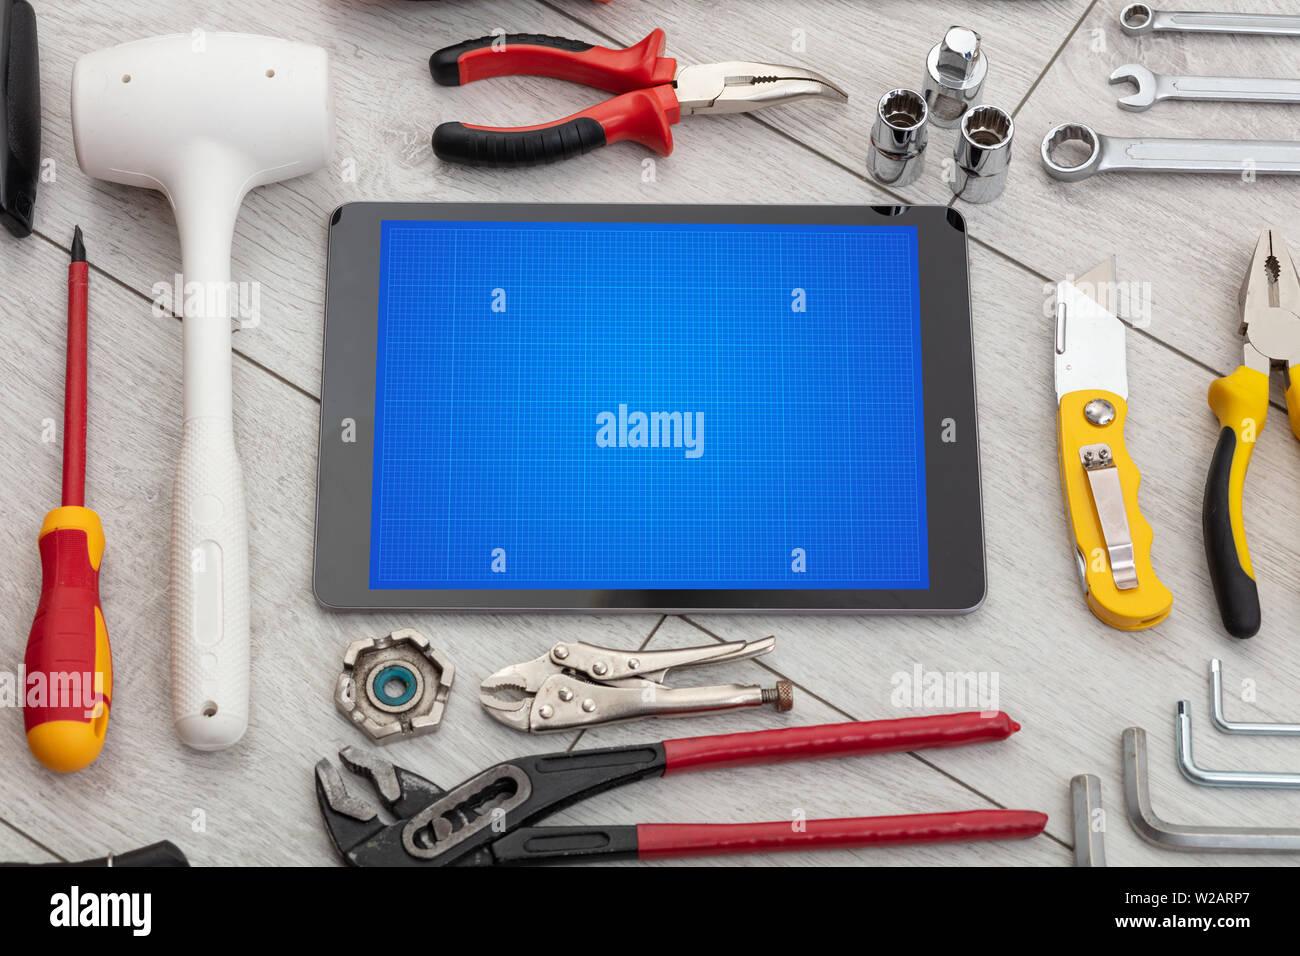 Outils de ménage et tablette avec écran réseau concept Banque D'Images